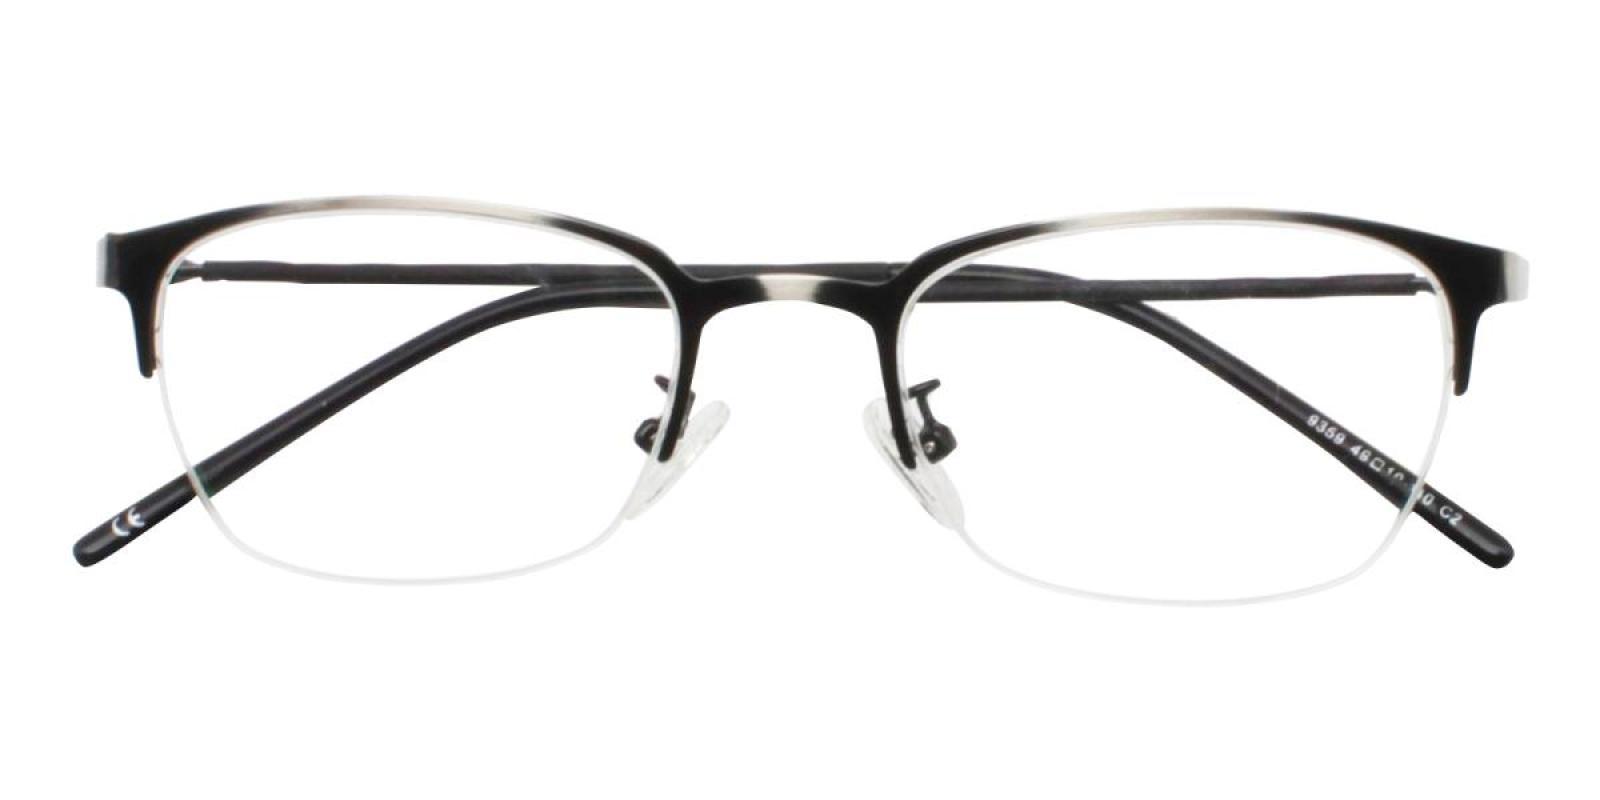 Wavain-Gun-Rectangle-Metal-Eyeglasses-detail